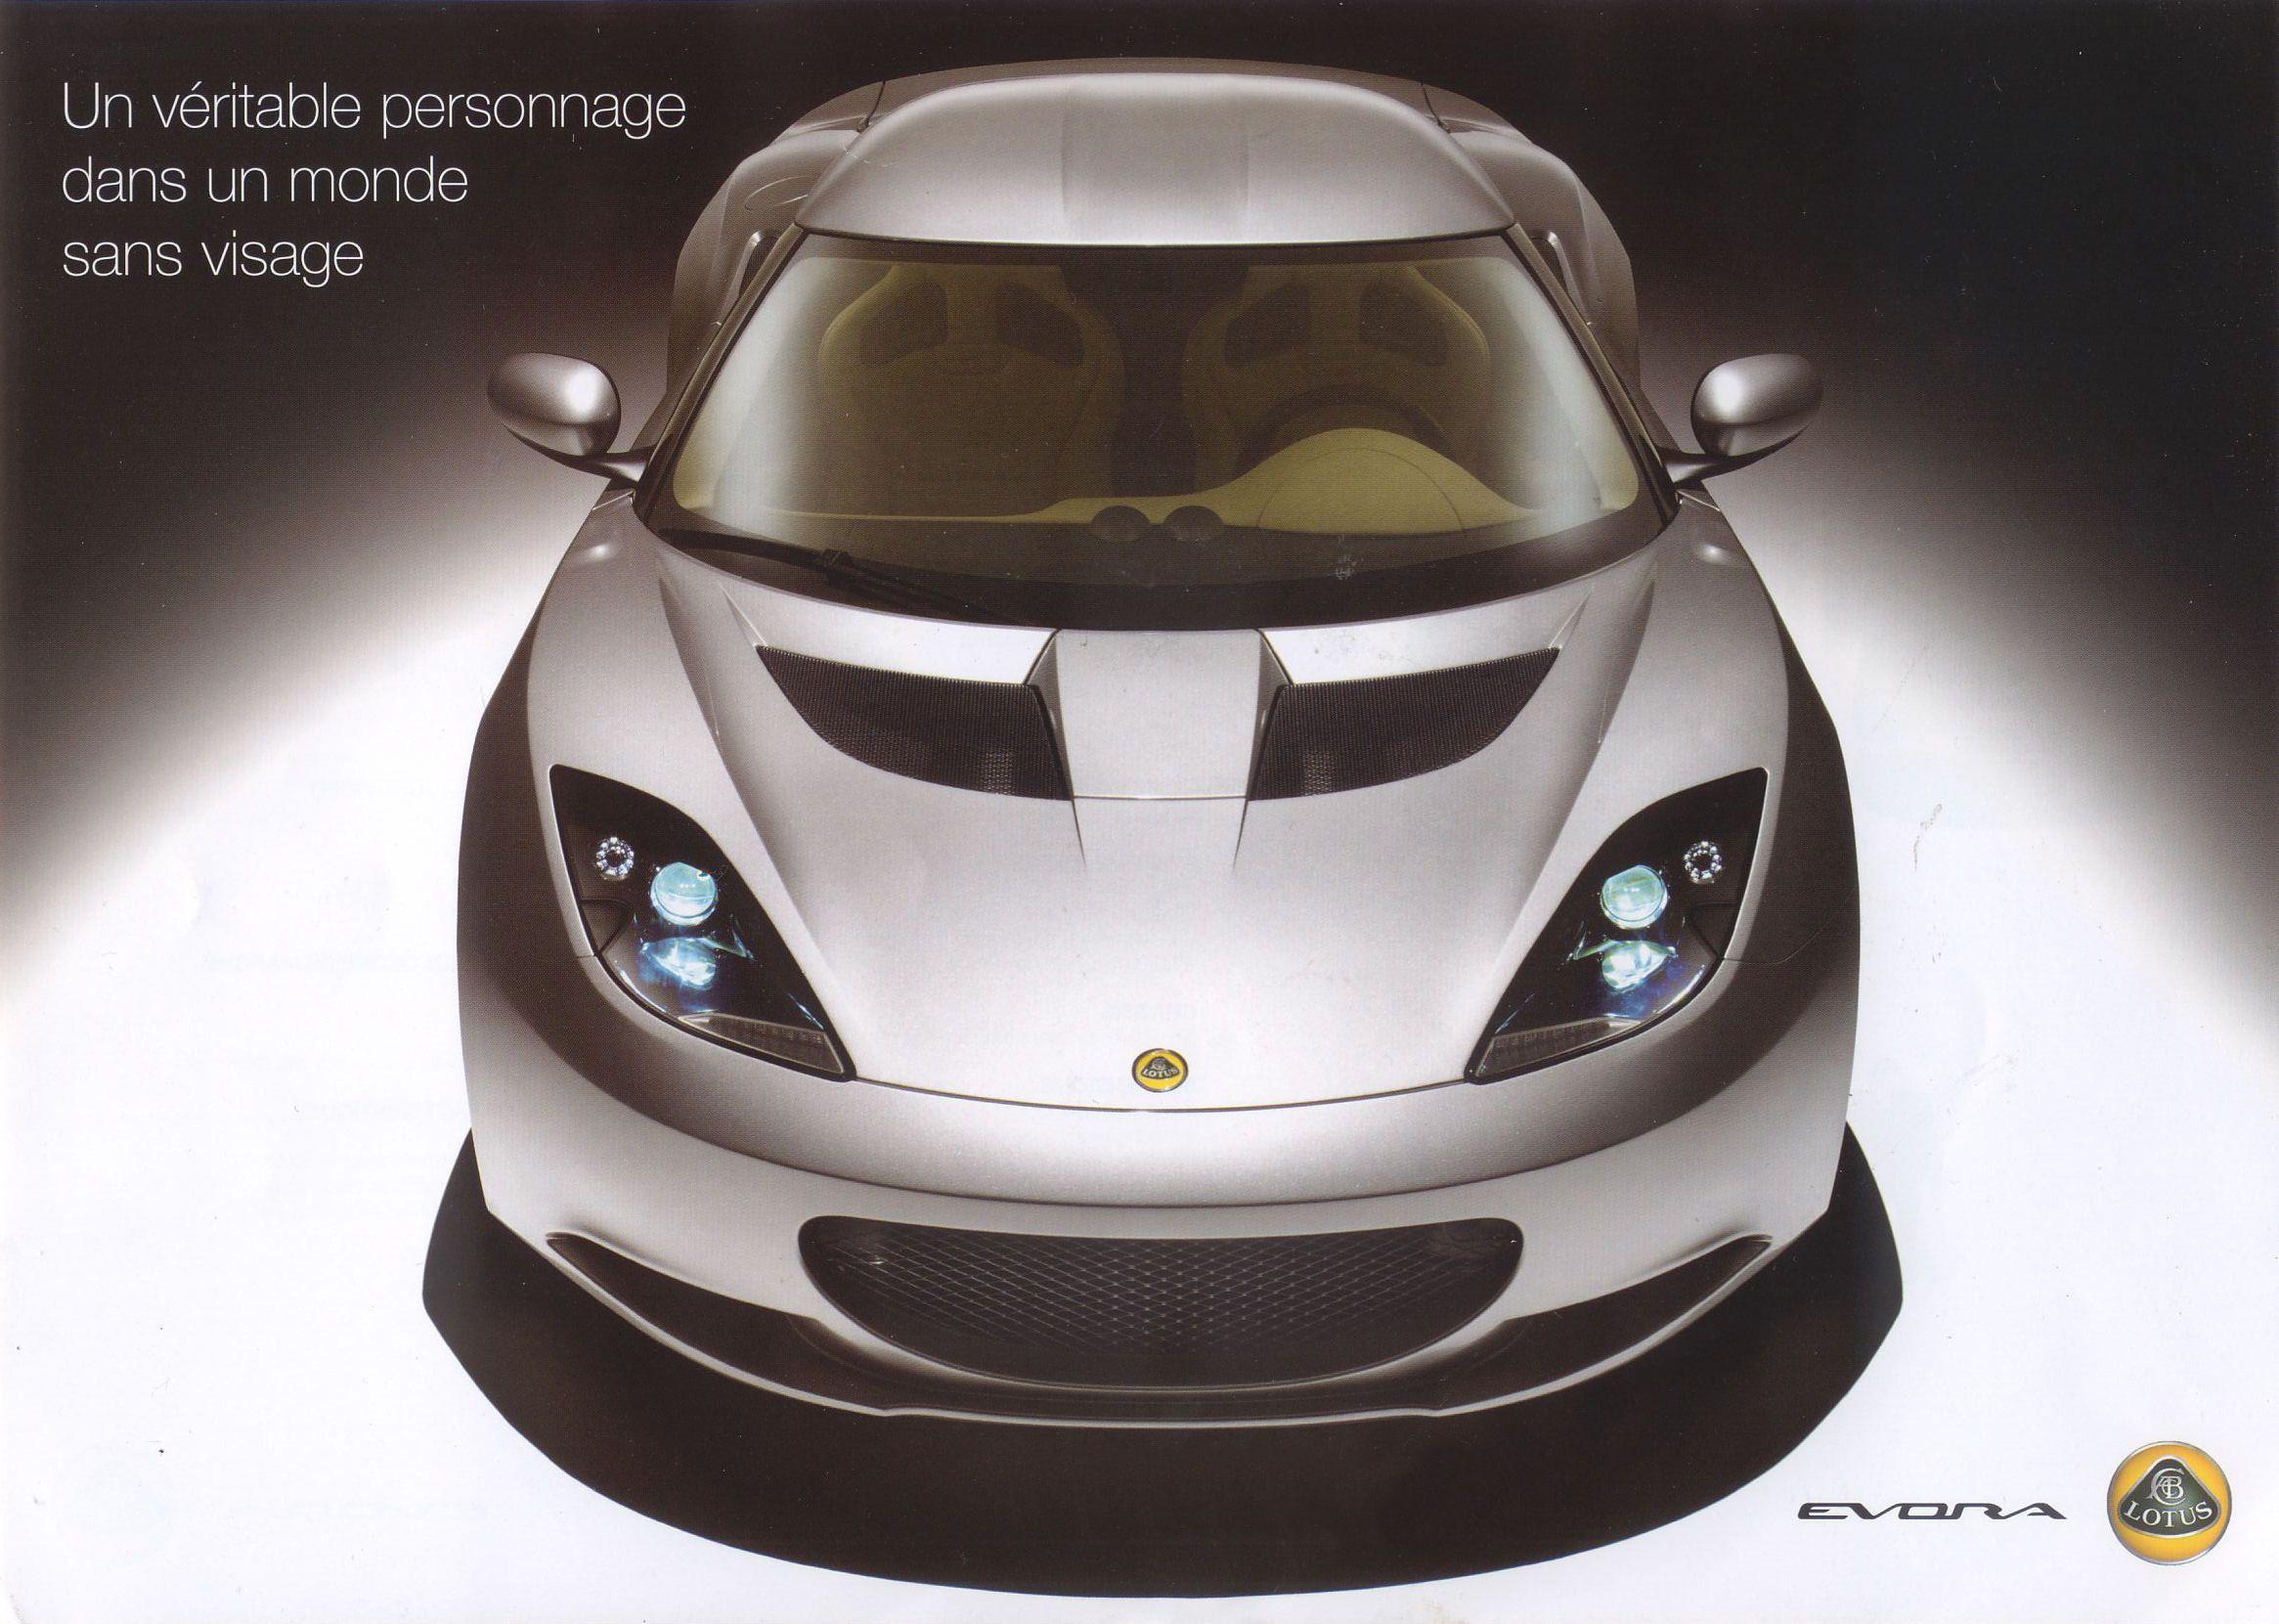 http://www.lotusdriversguide.com/Downloads/Brochures/Evora_2008_france_front.jpg